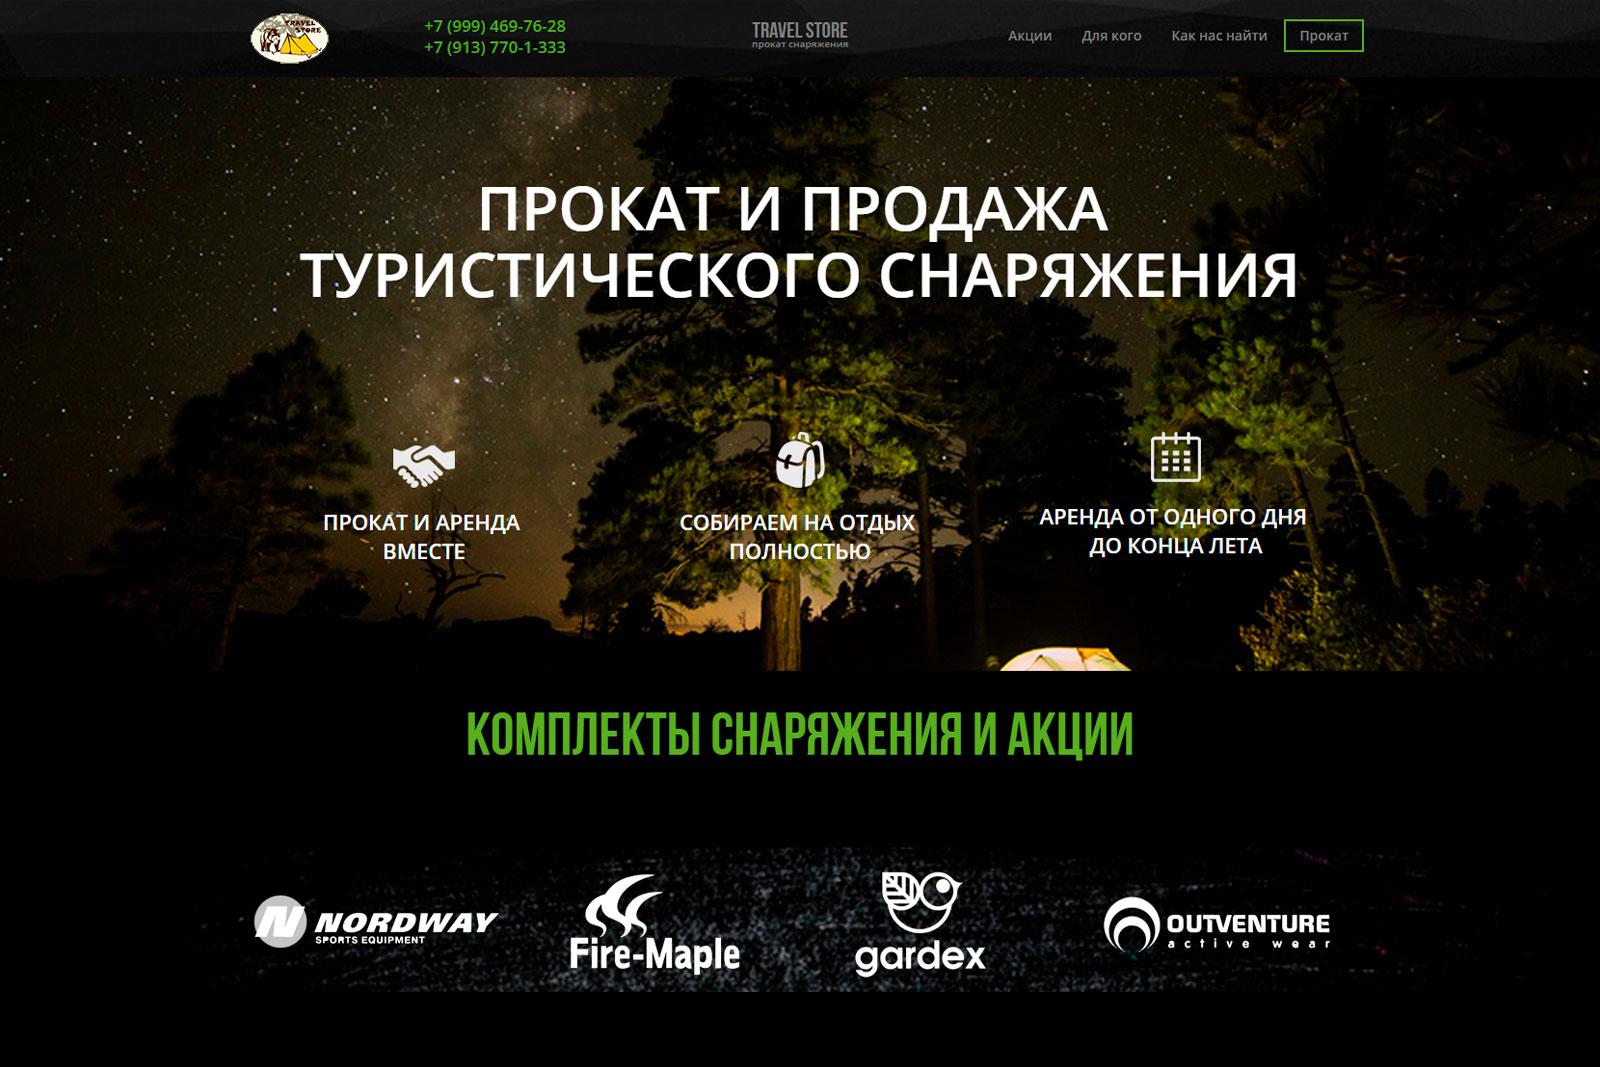 SPS_sajt_travel-store.su